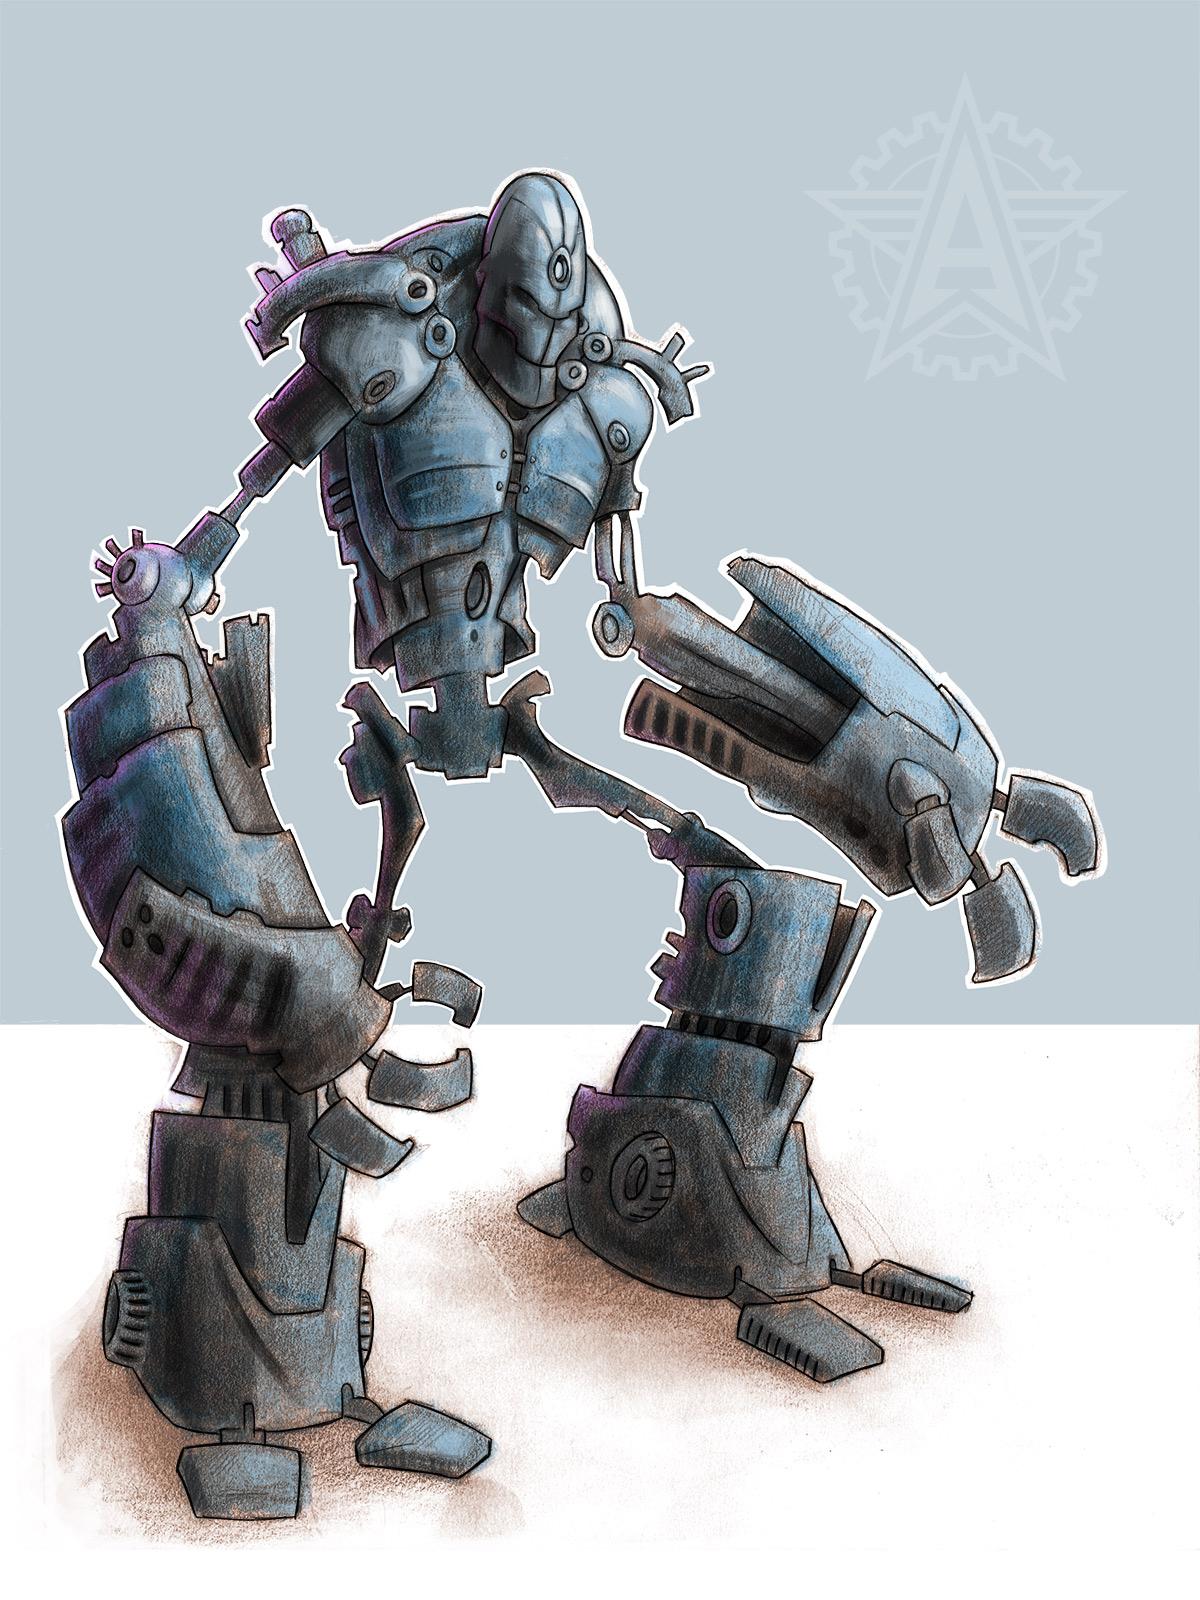 Scrapbot